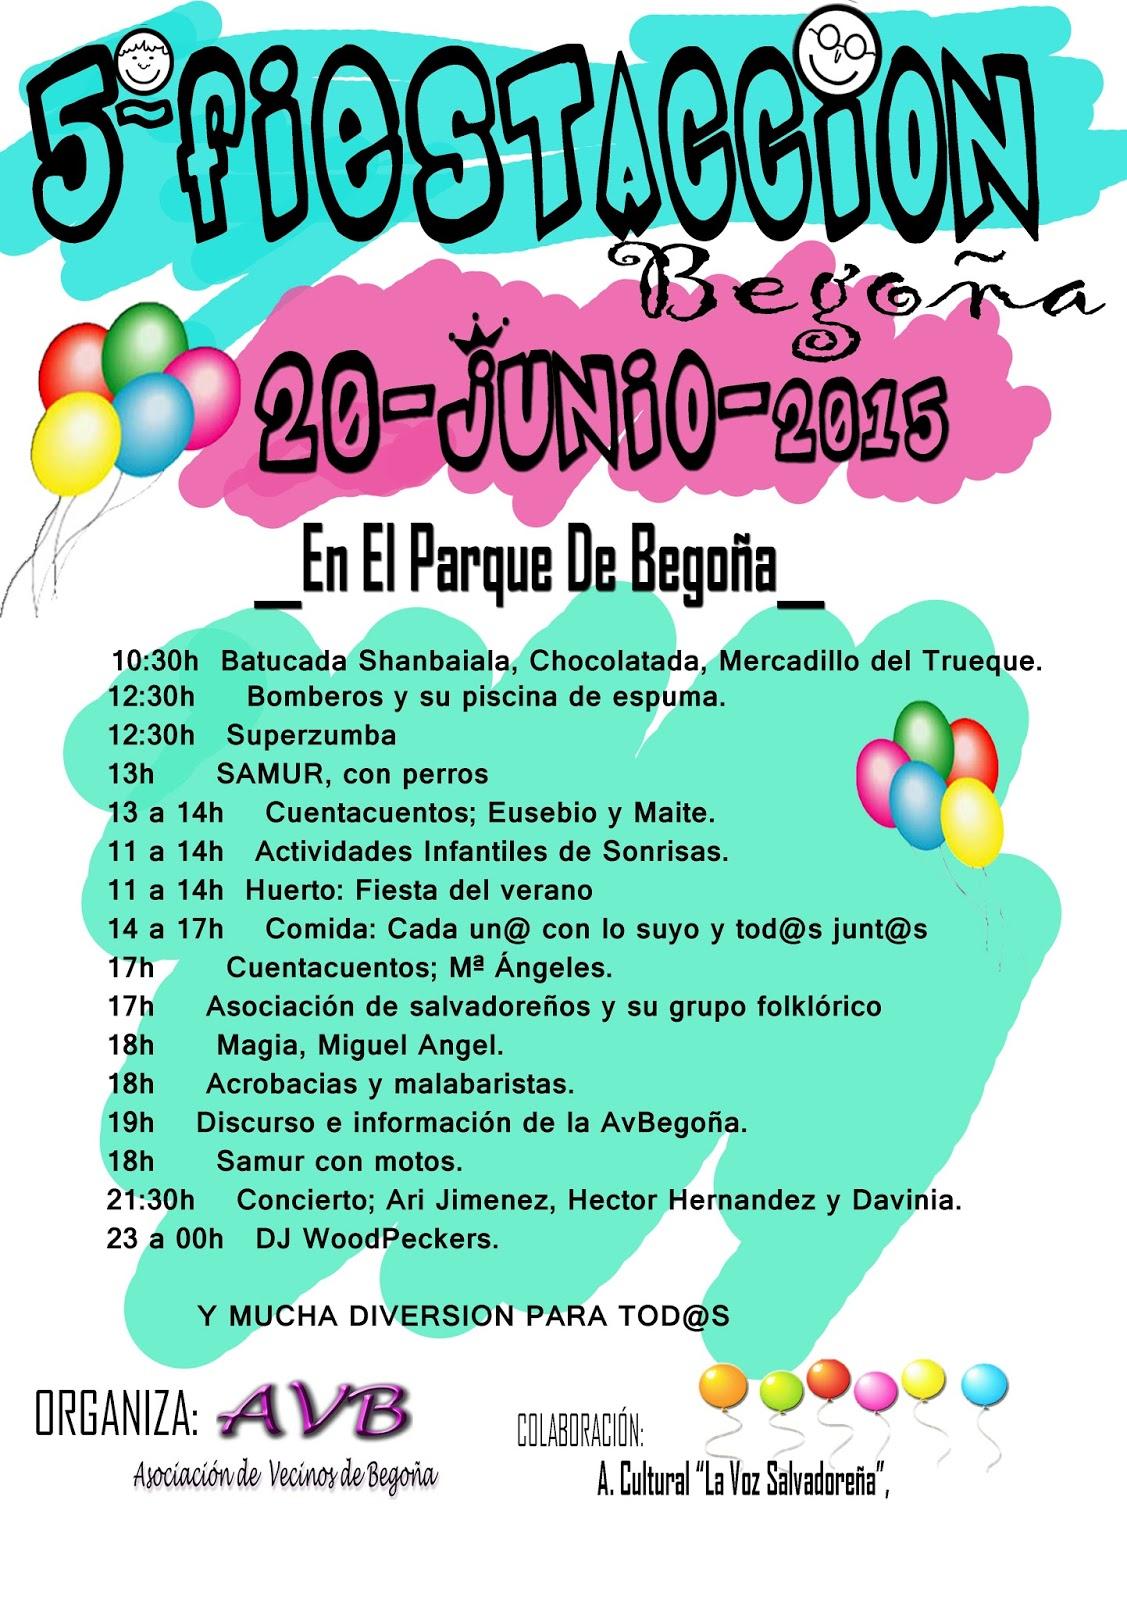 Sábado 20 junio Fiesta en Begoña